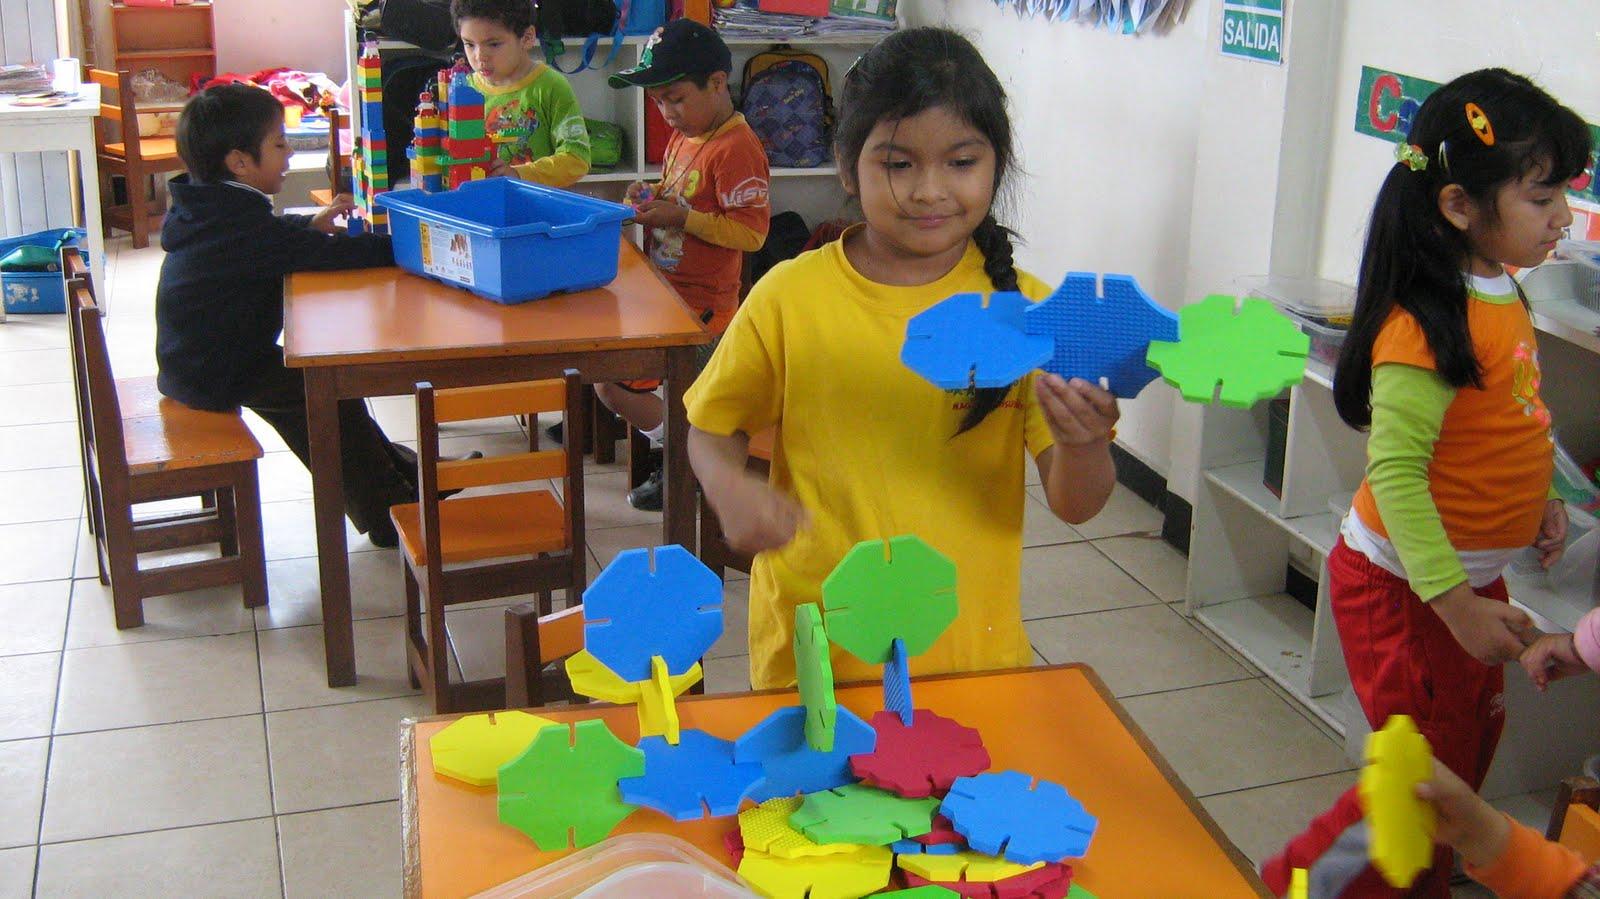 Maestra Sin Fronteras El Juego Libre En Sectores